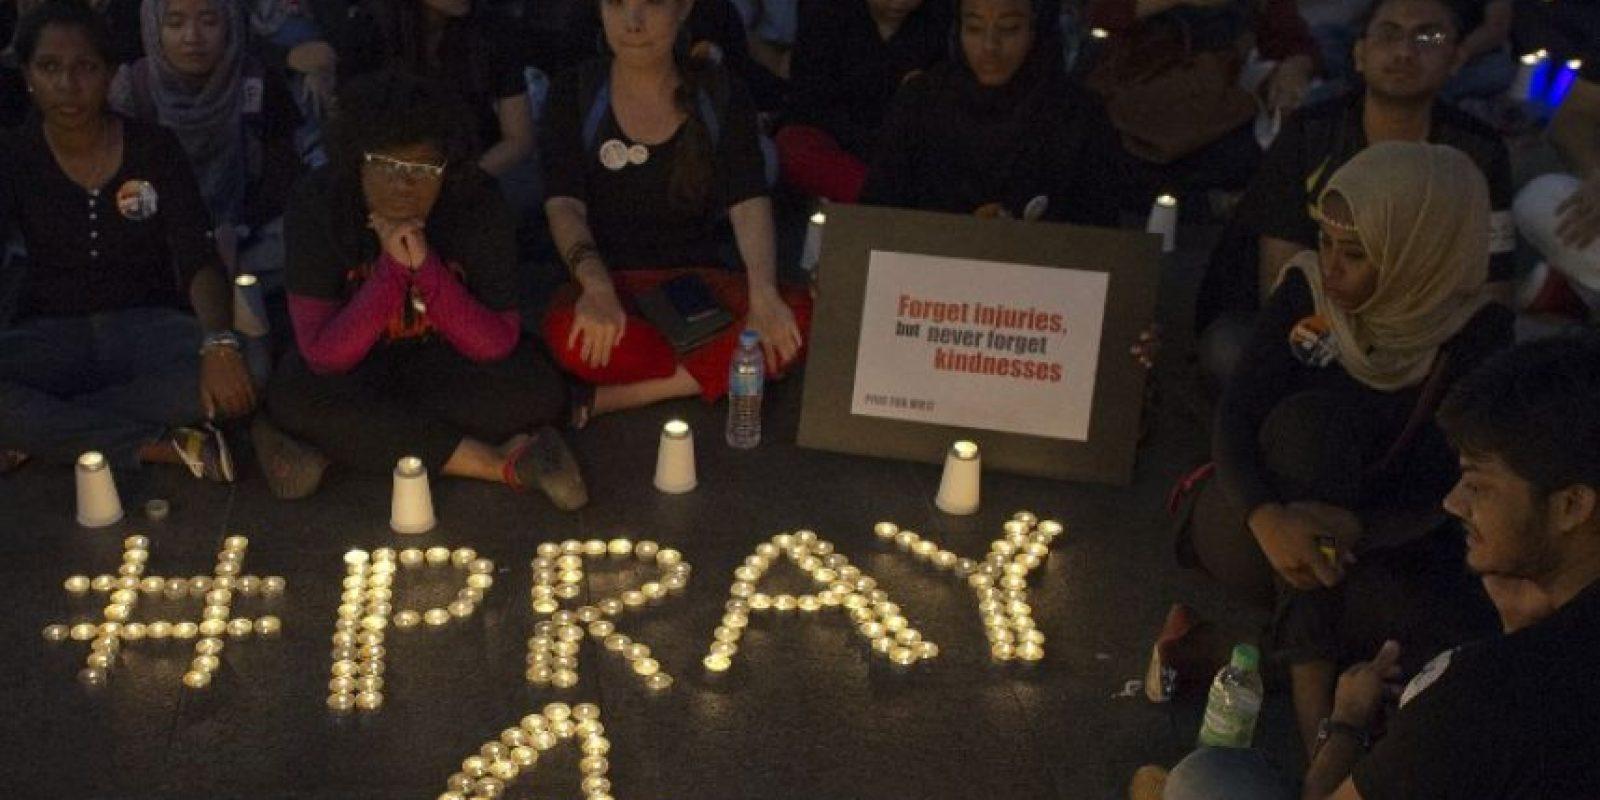 Este fue uno de los accidentes más graves de la compañía Malaysia Airlines en 2014 Foto:AFP